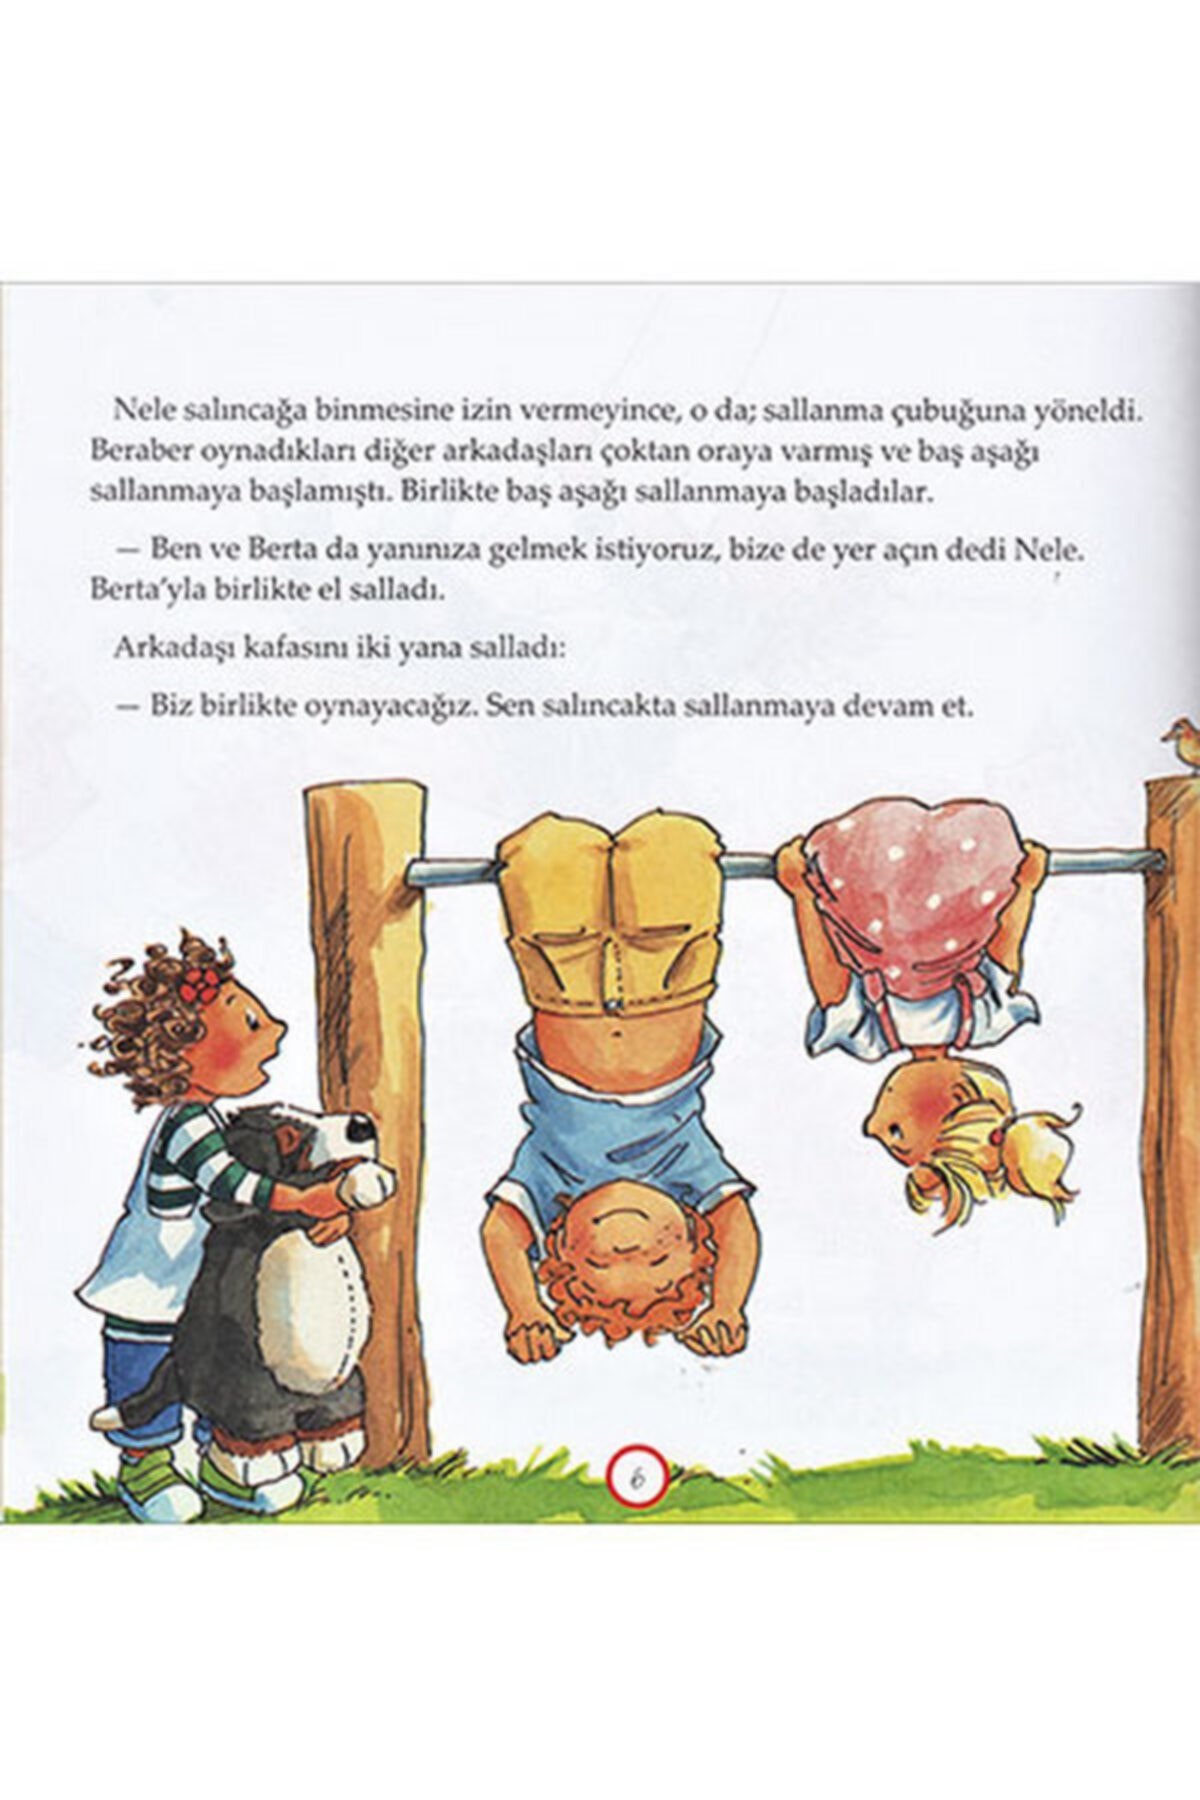 Çocuk Gezegeni Çocuklar Için Benim Adım Nele Eğitici Öğretici Zeka Geliştirici Kitap Seti -onlu Kitap Seti